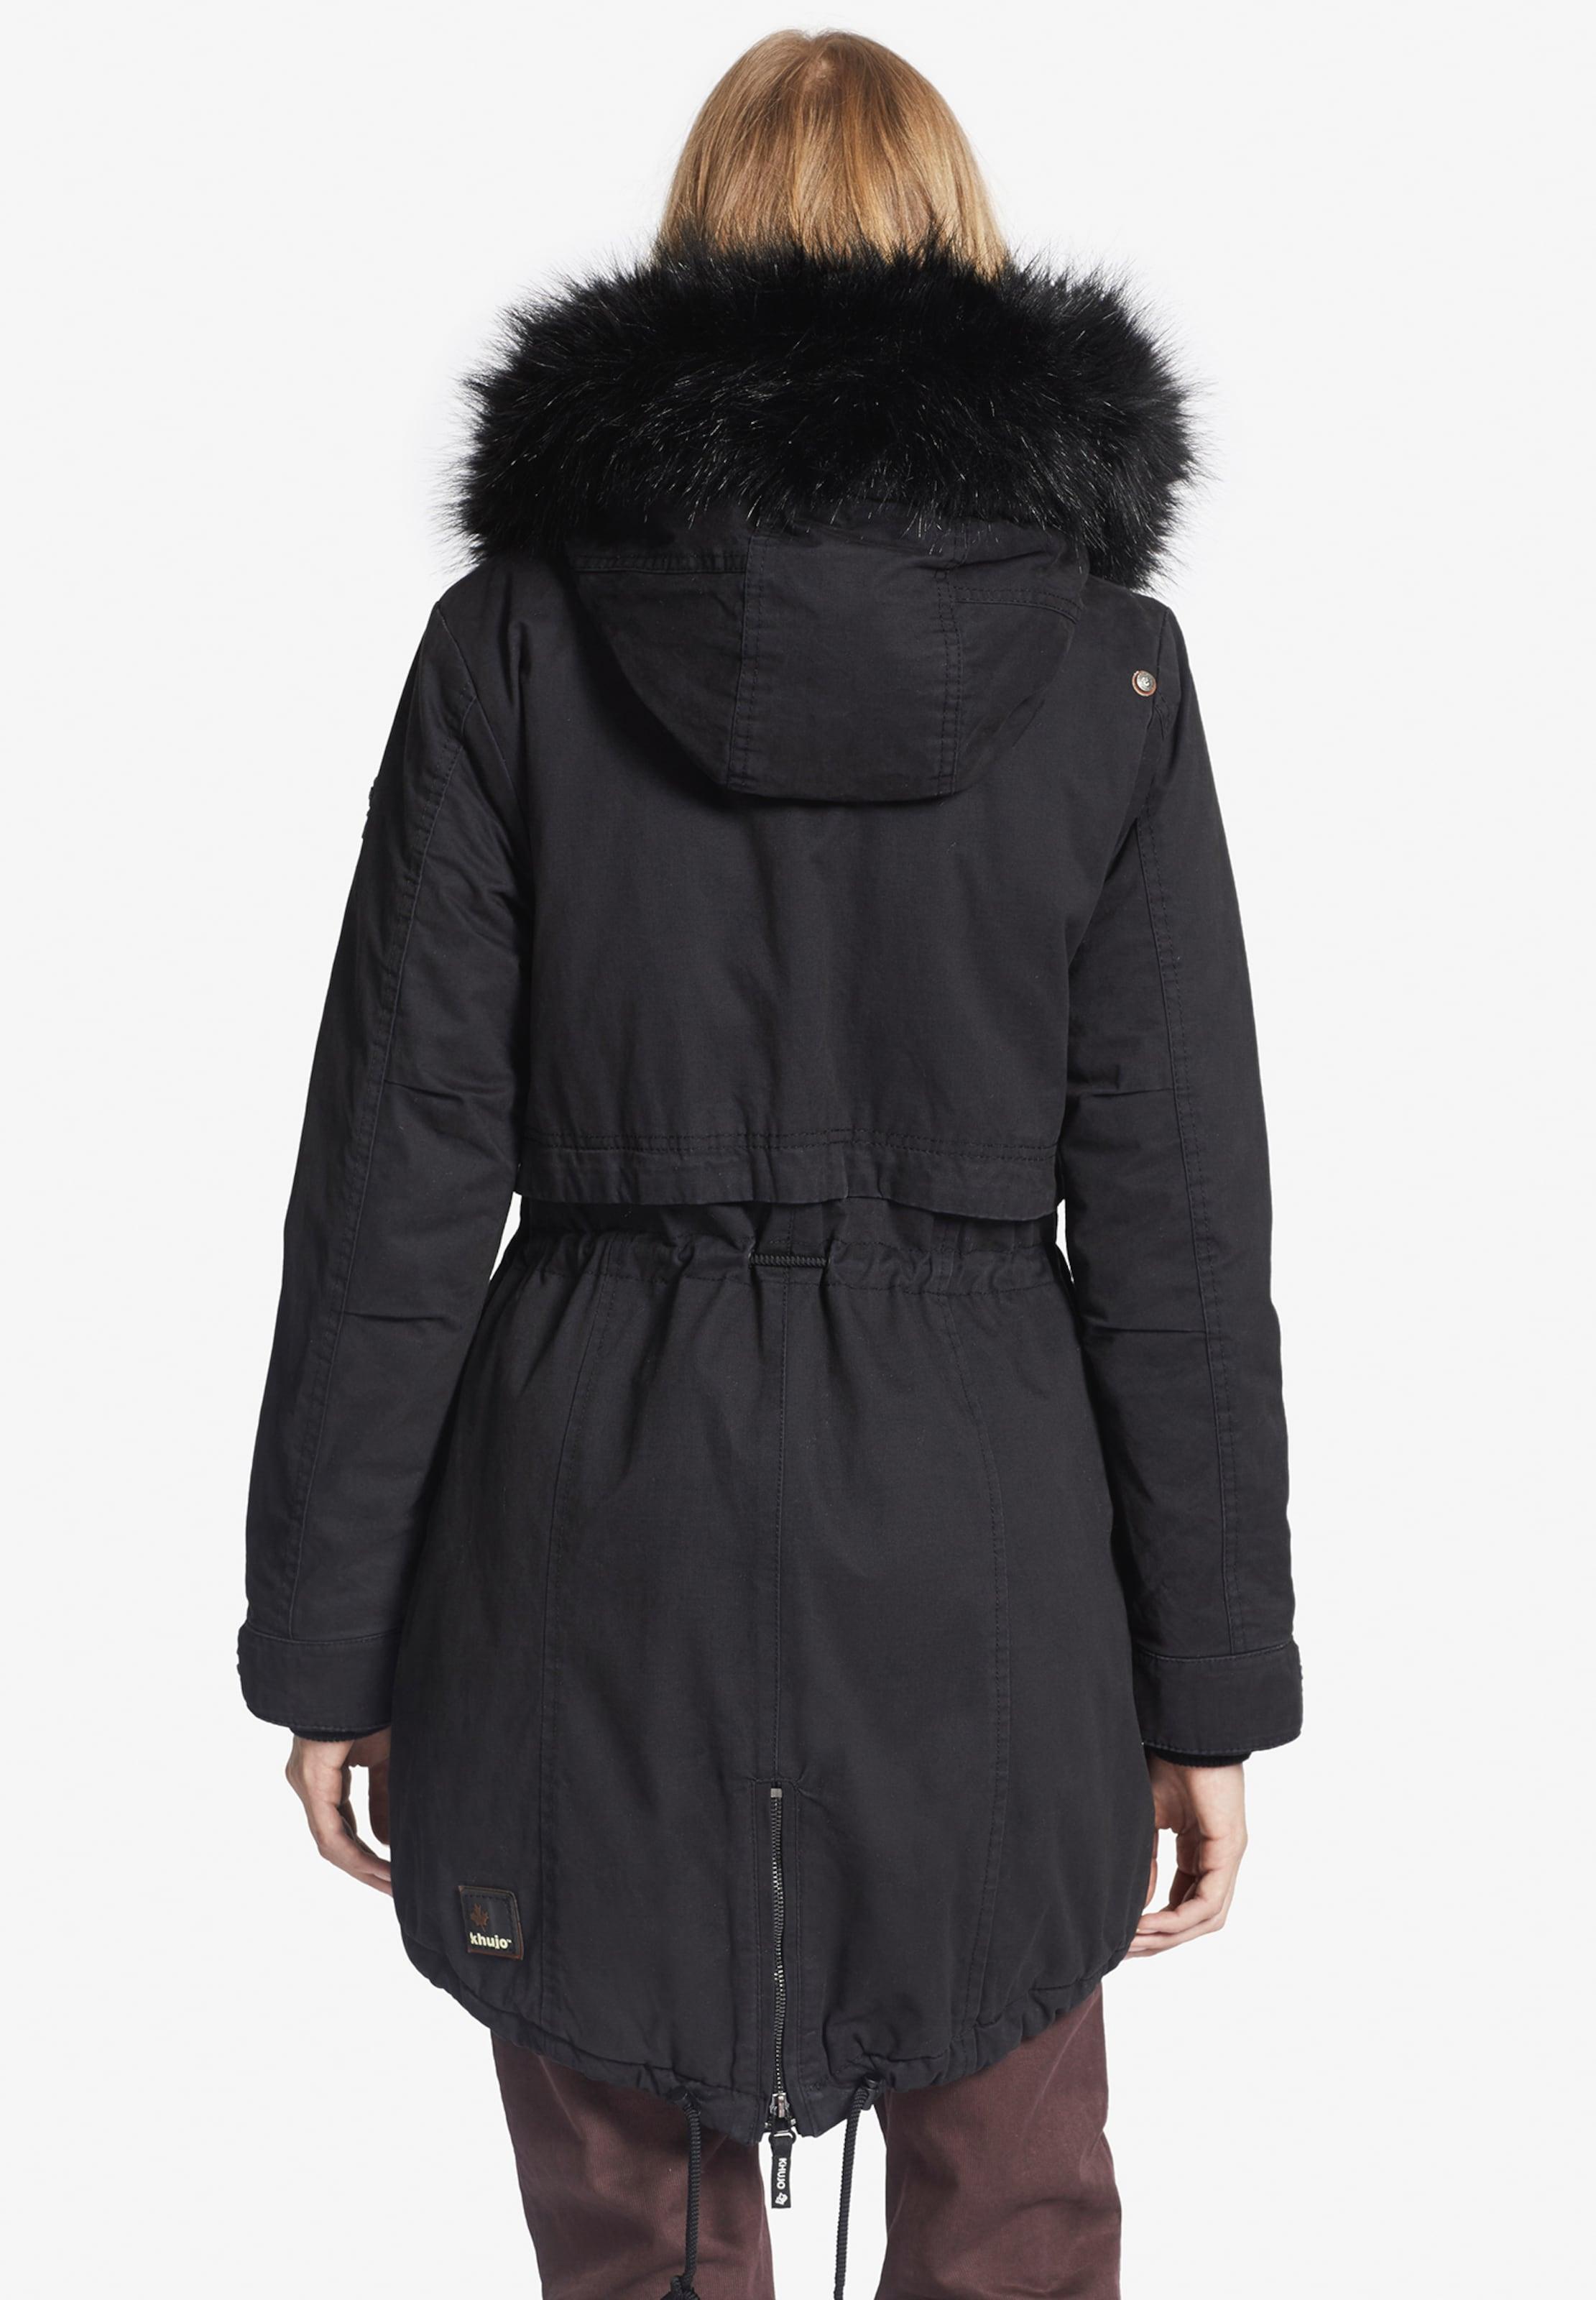 Khujo Manteau 'freja2' En Noir D'hiver N0wkXO8nZP